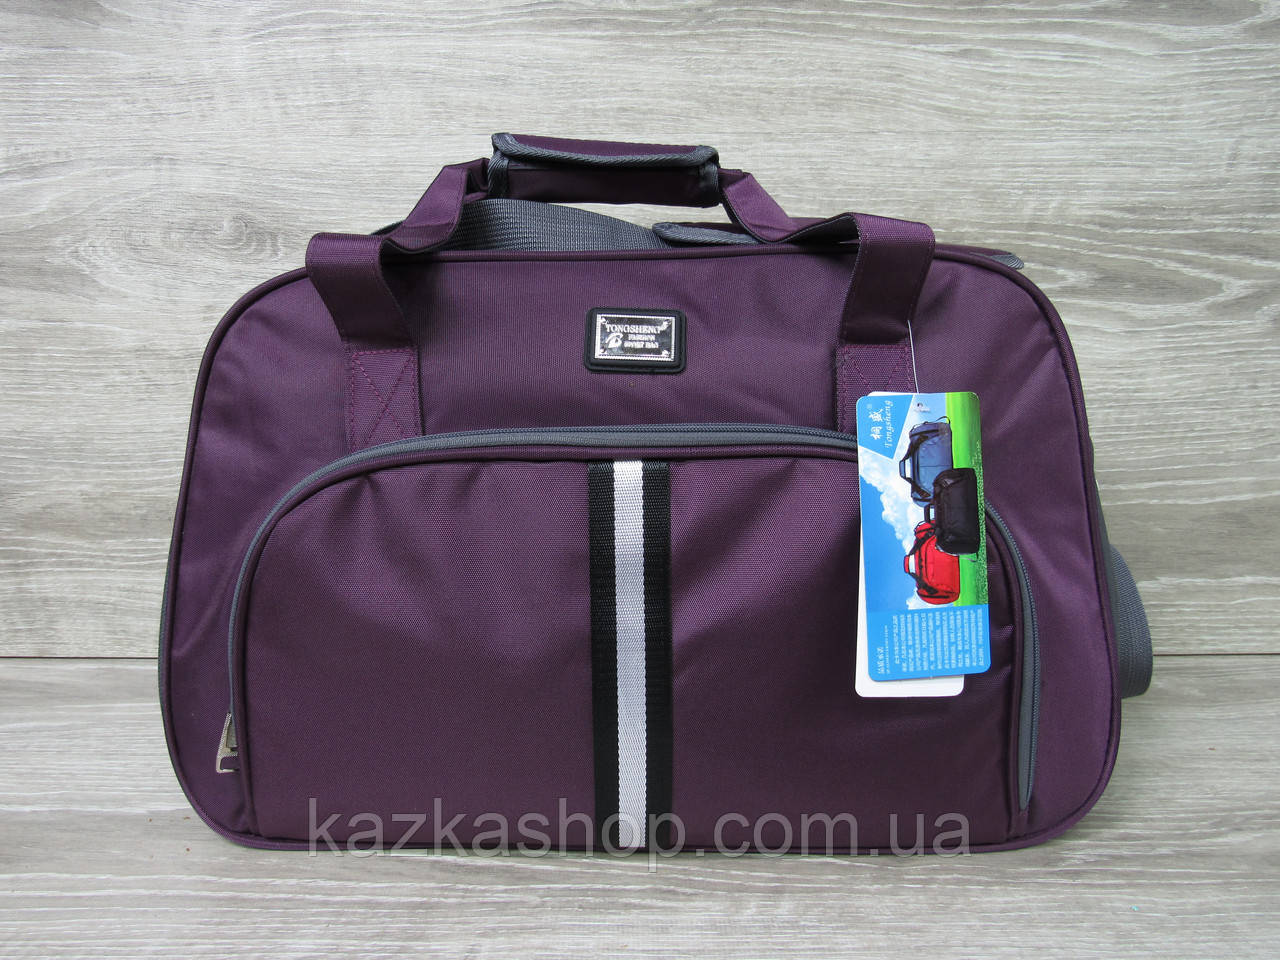 Дорожная сумка хорошего качества, среднего размера 50х33х23 см, плотный материал